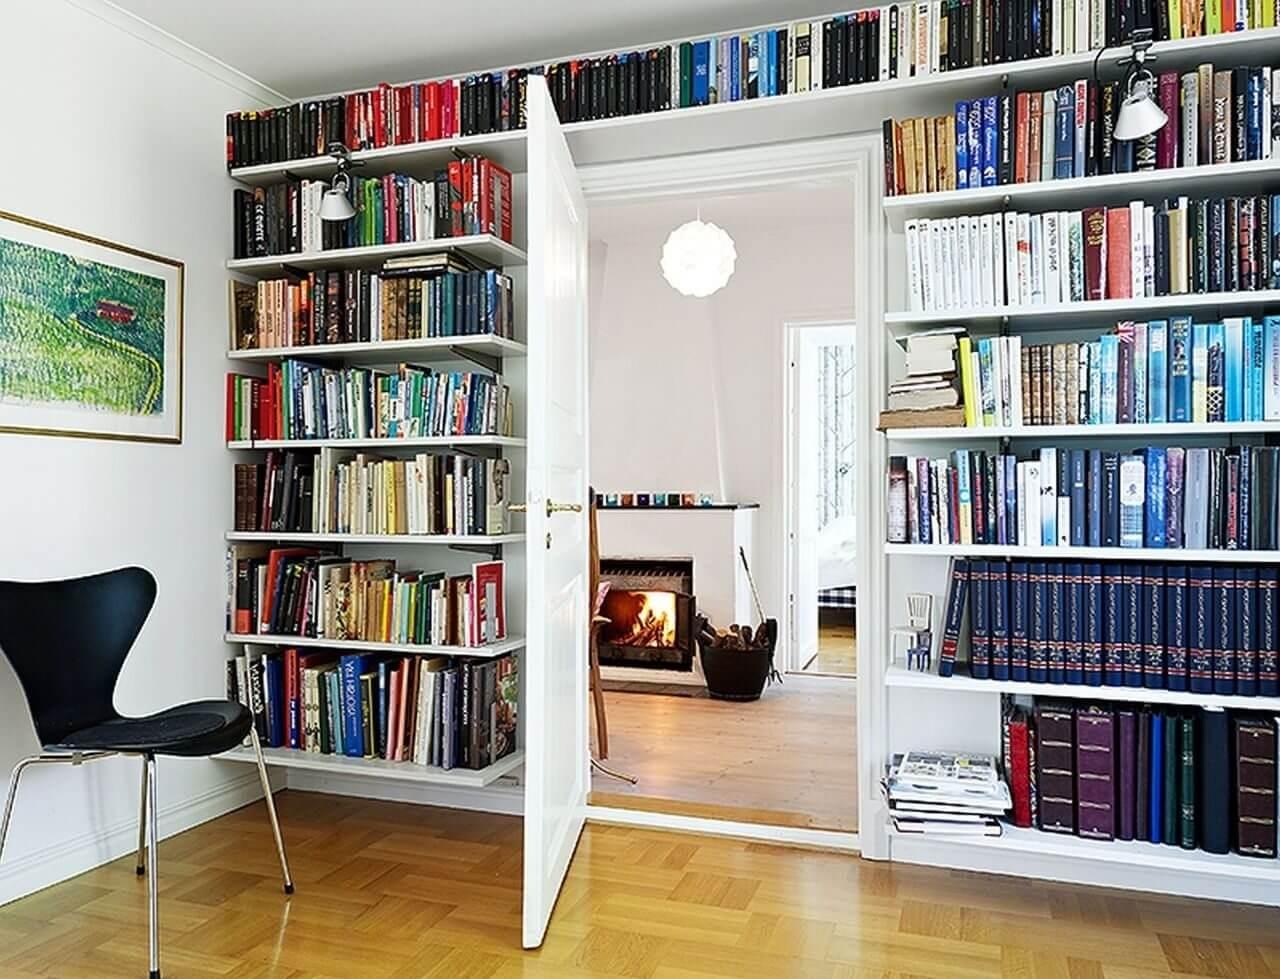 alanı arttıran kullanışlı kitaplıklar